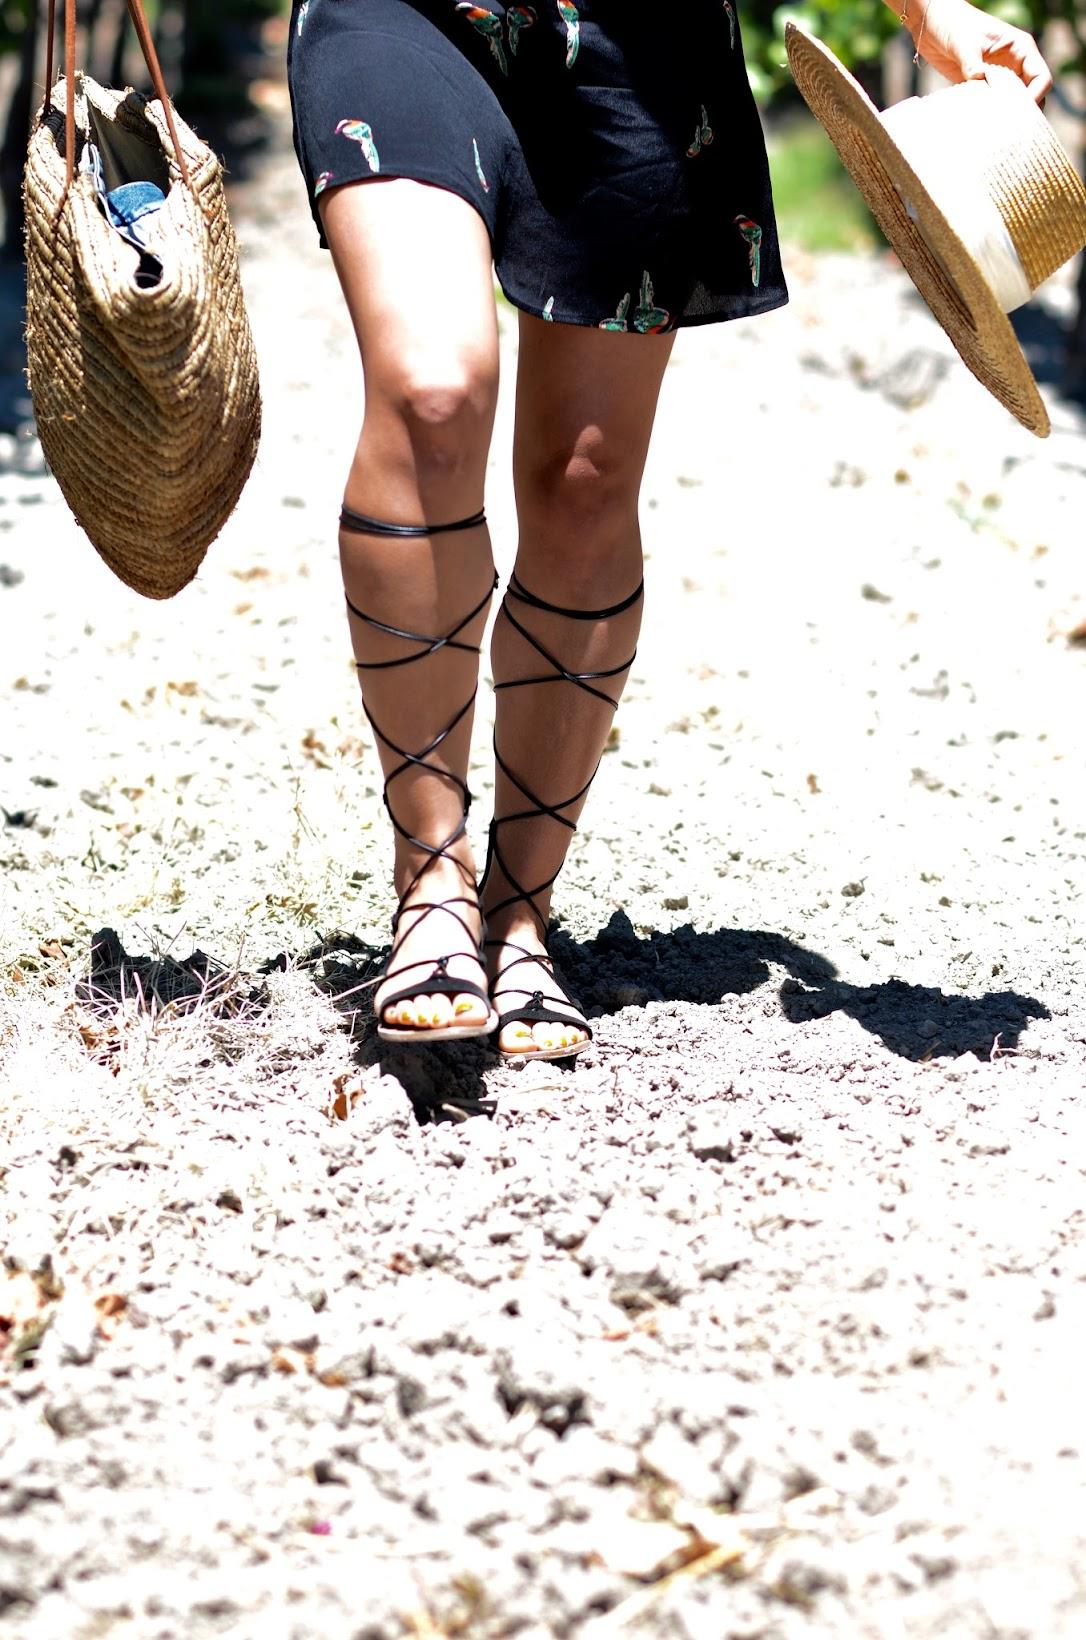 Napa Wine Valley, Reformation dress, ref babe, summer style, chic summer style, cute summer style, gladiator sandals, straw tote, straw summer hat